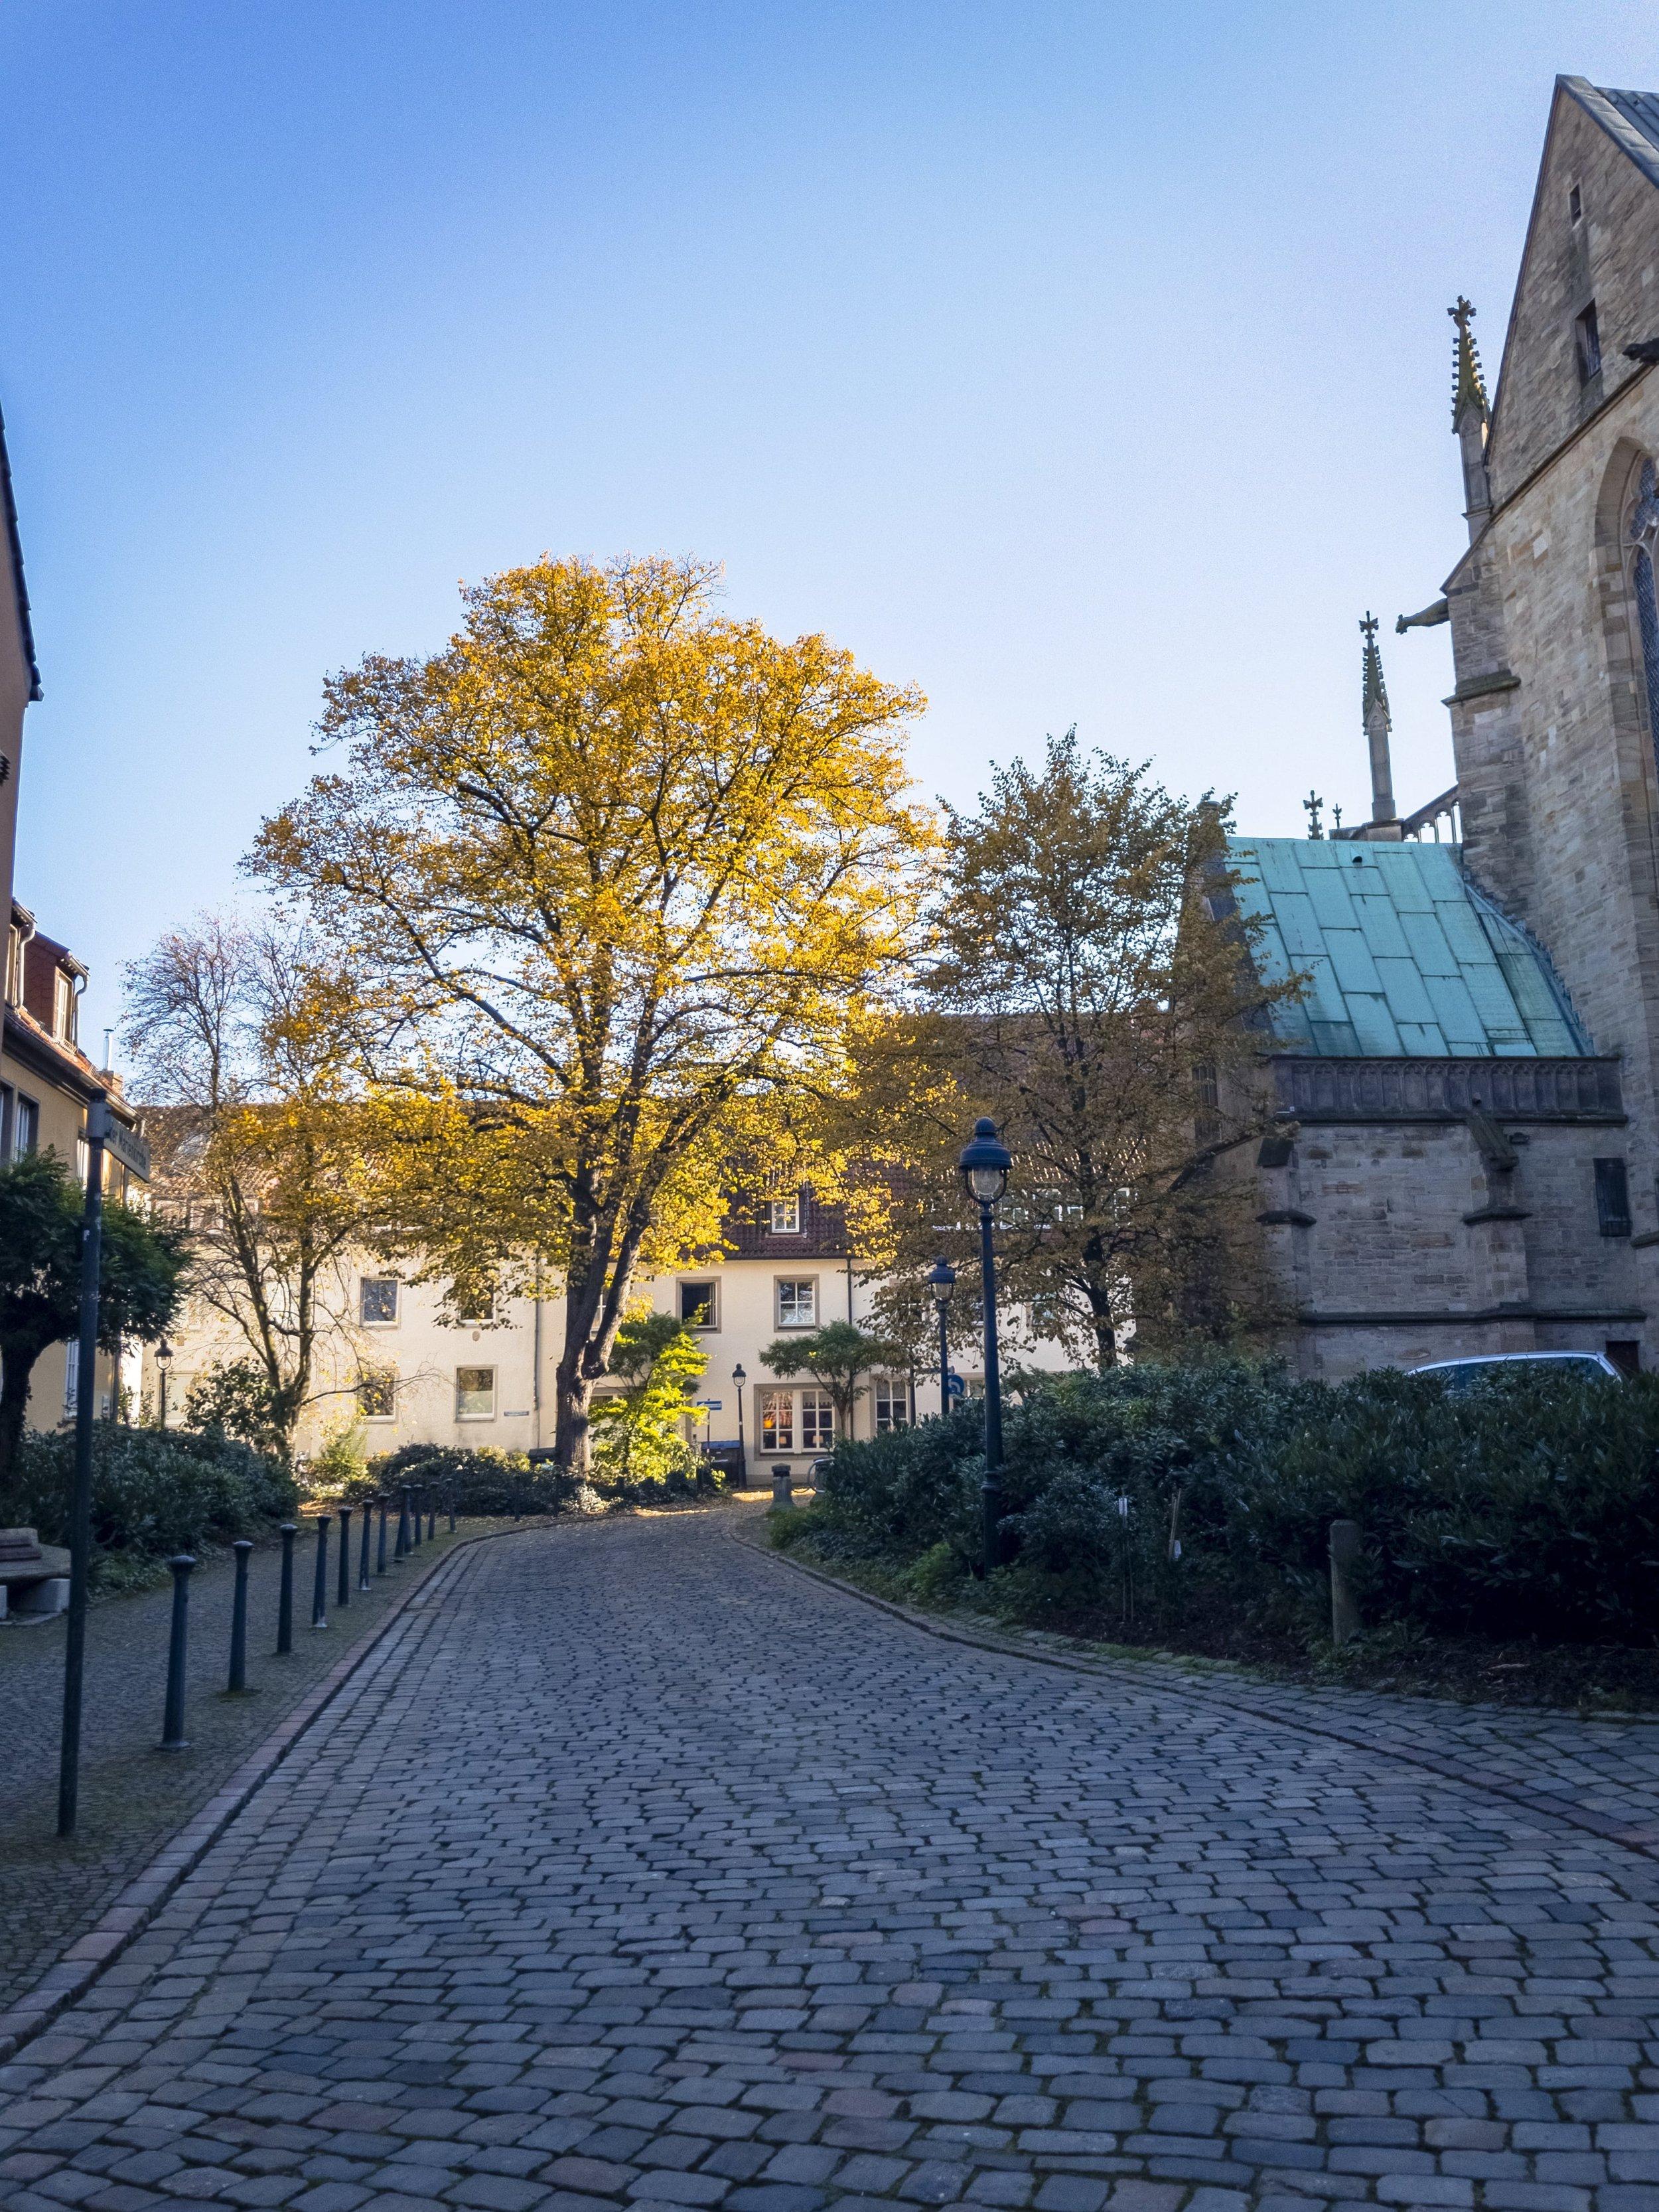 APC_0378-hdr 2 - Herbst ShotoniPhone Autumn Blätter Leaves Sun Sonne Light Threes Licht Bäume Baum Stadt Osnabrück.jpg